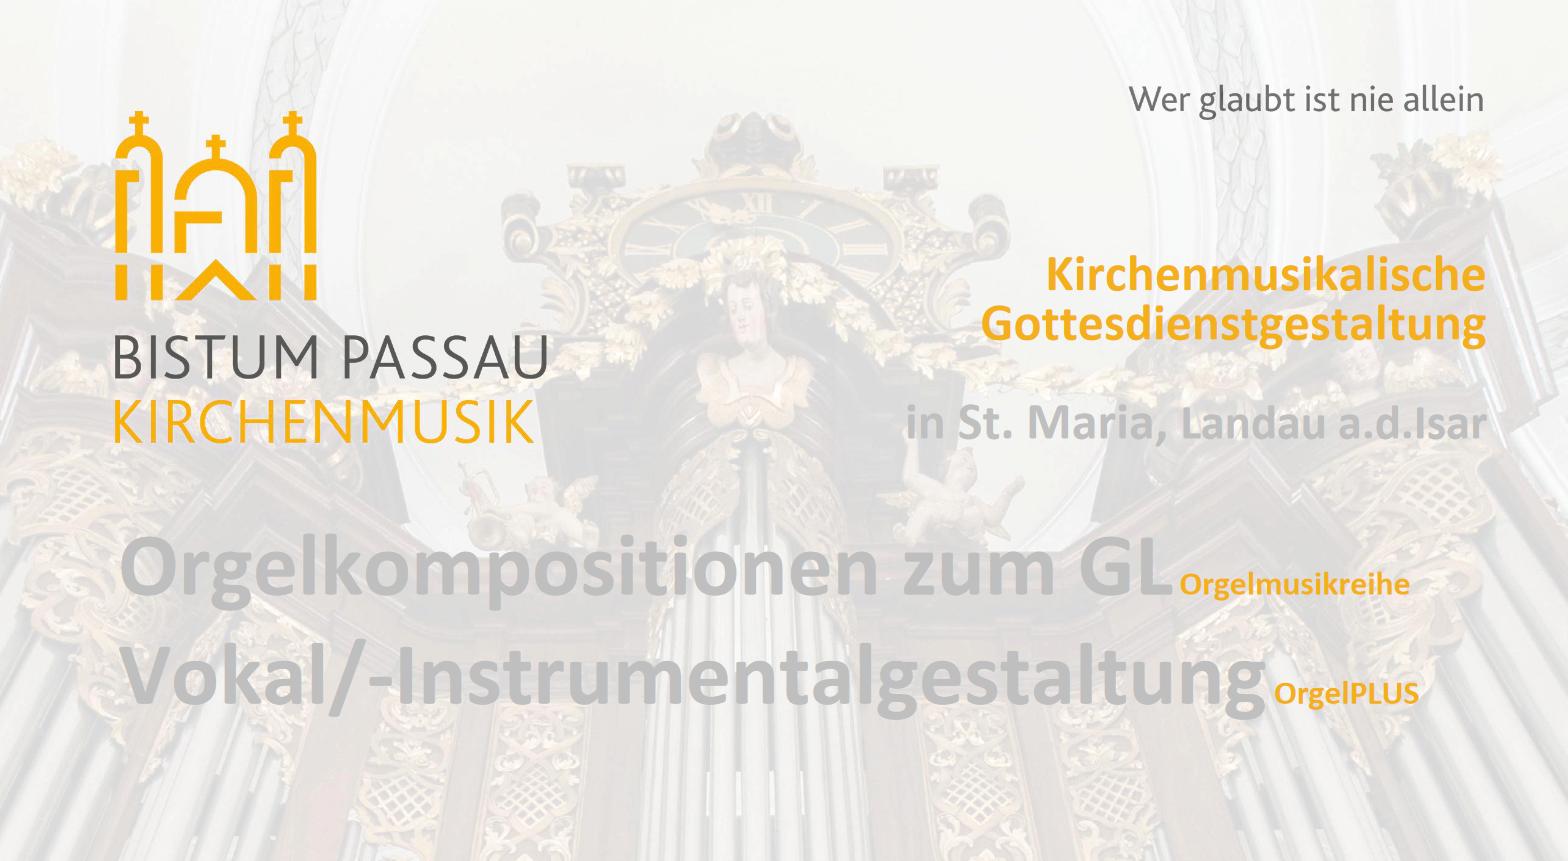 Bistum_Passau_Kirchenmusik#Kirchenmusikalische_Gestaltung_Landau_St-Maria.png